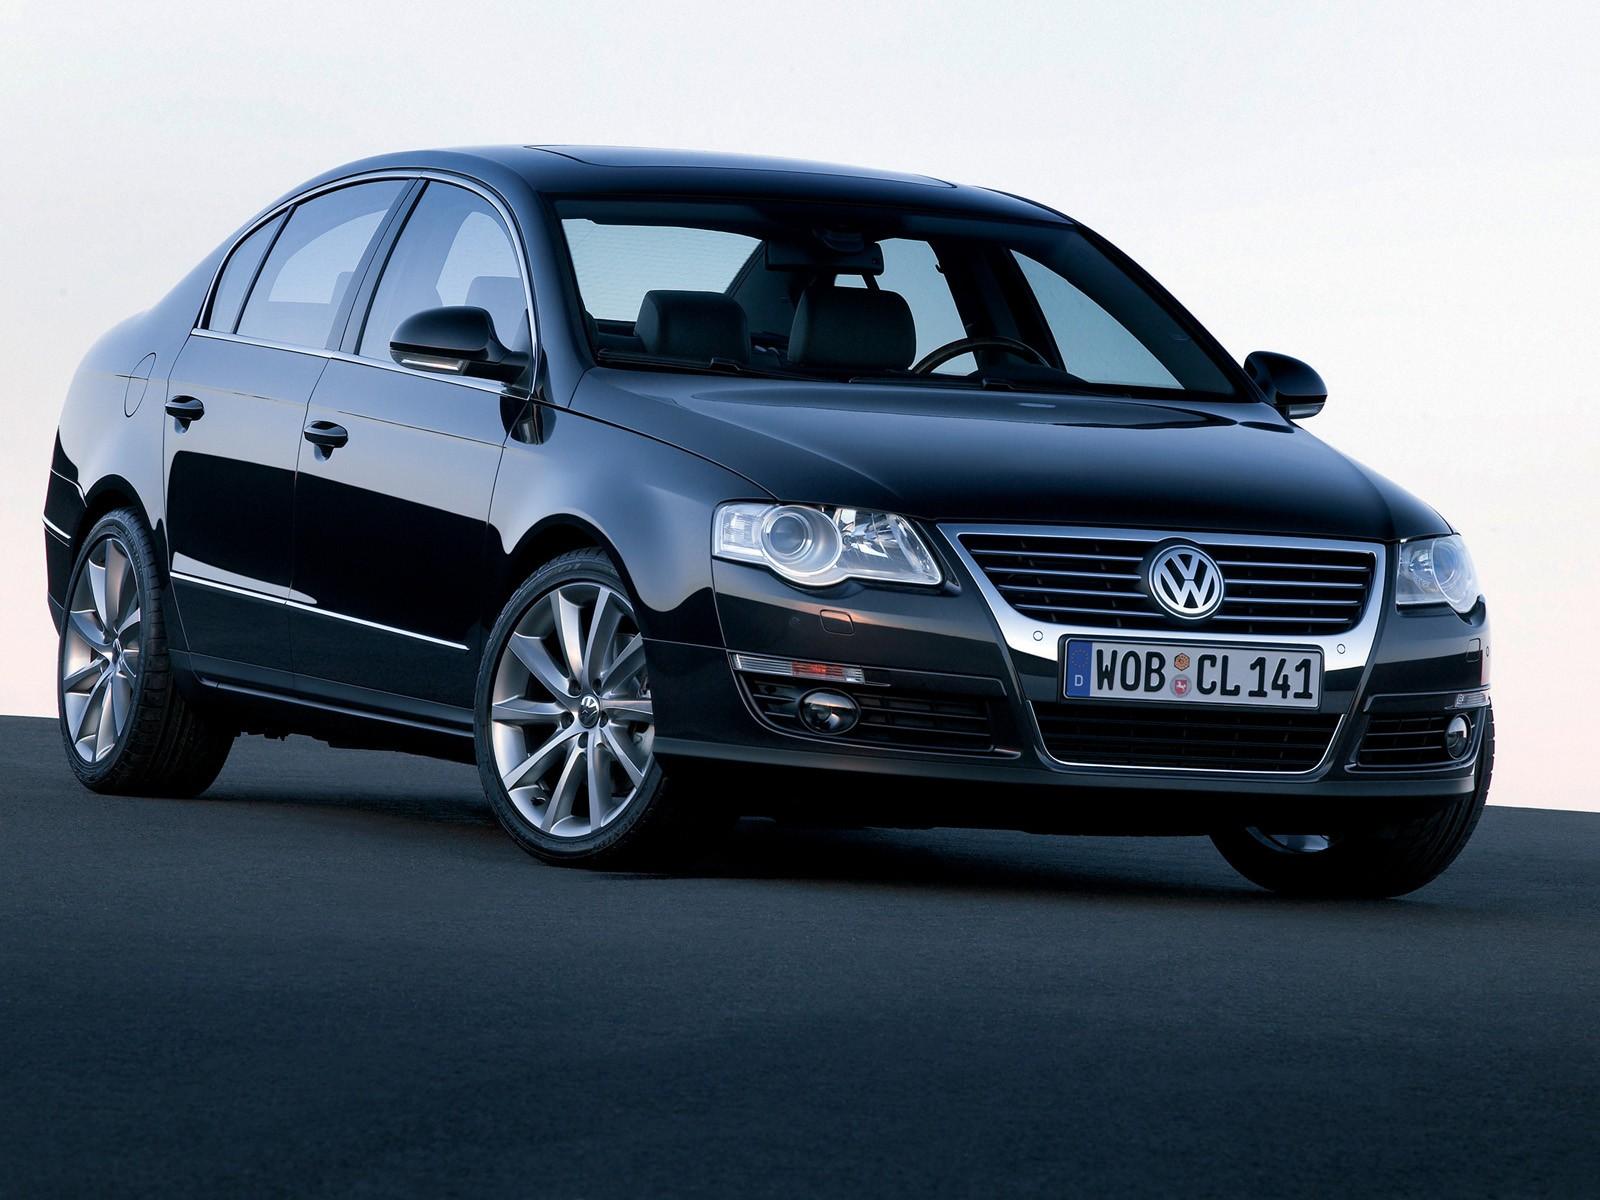 2006 Volkswagen Passat Wiringdiagram Image Details Vw Wiring Diagram